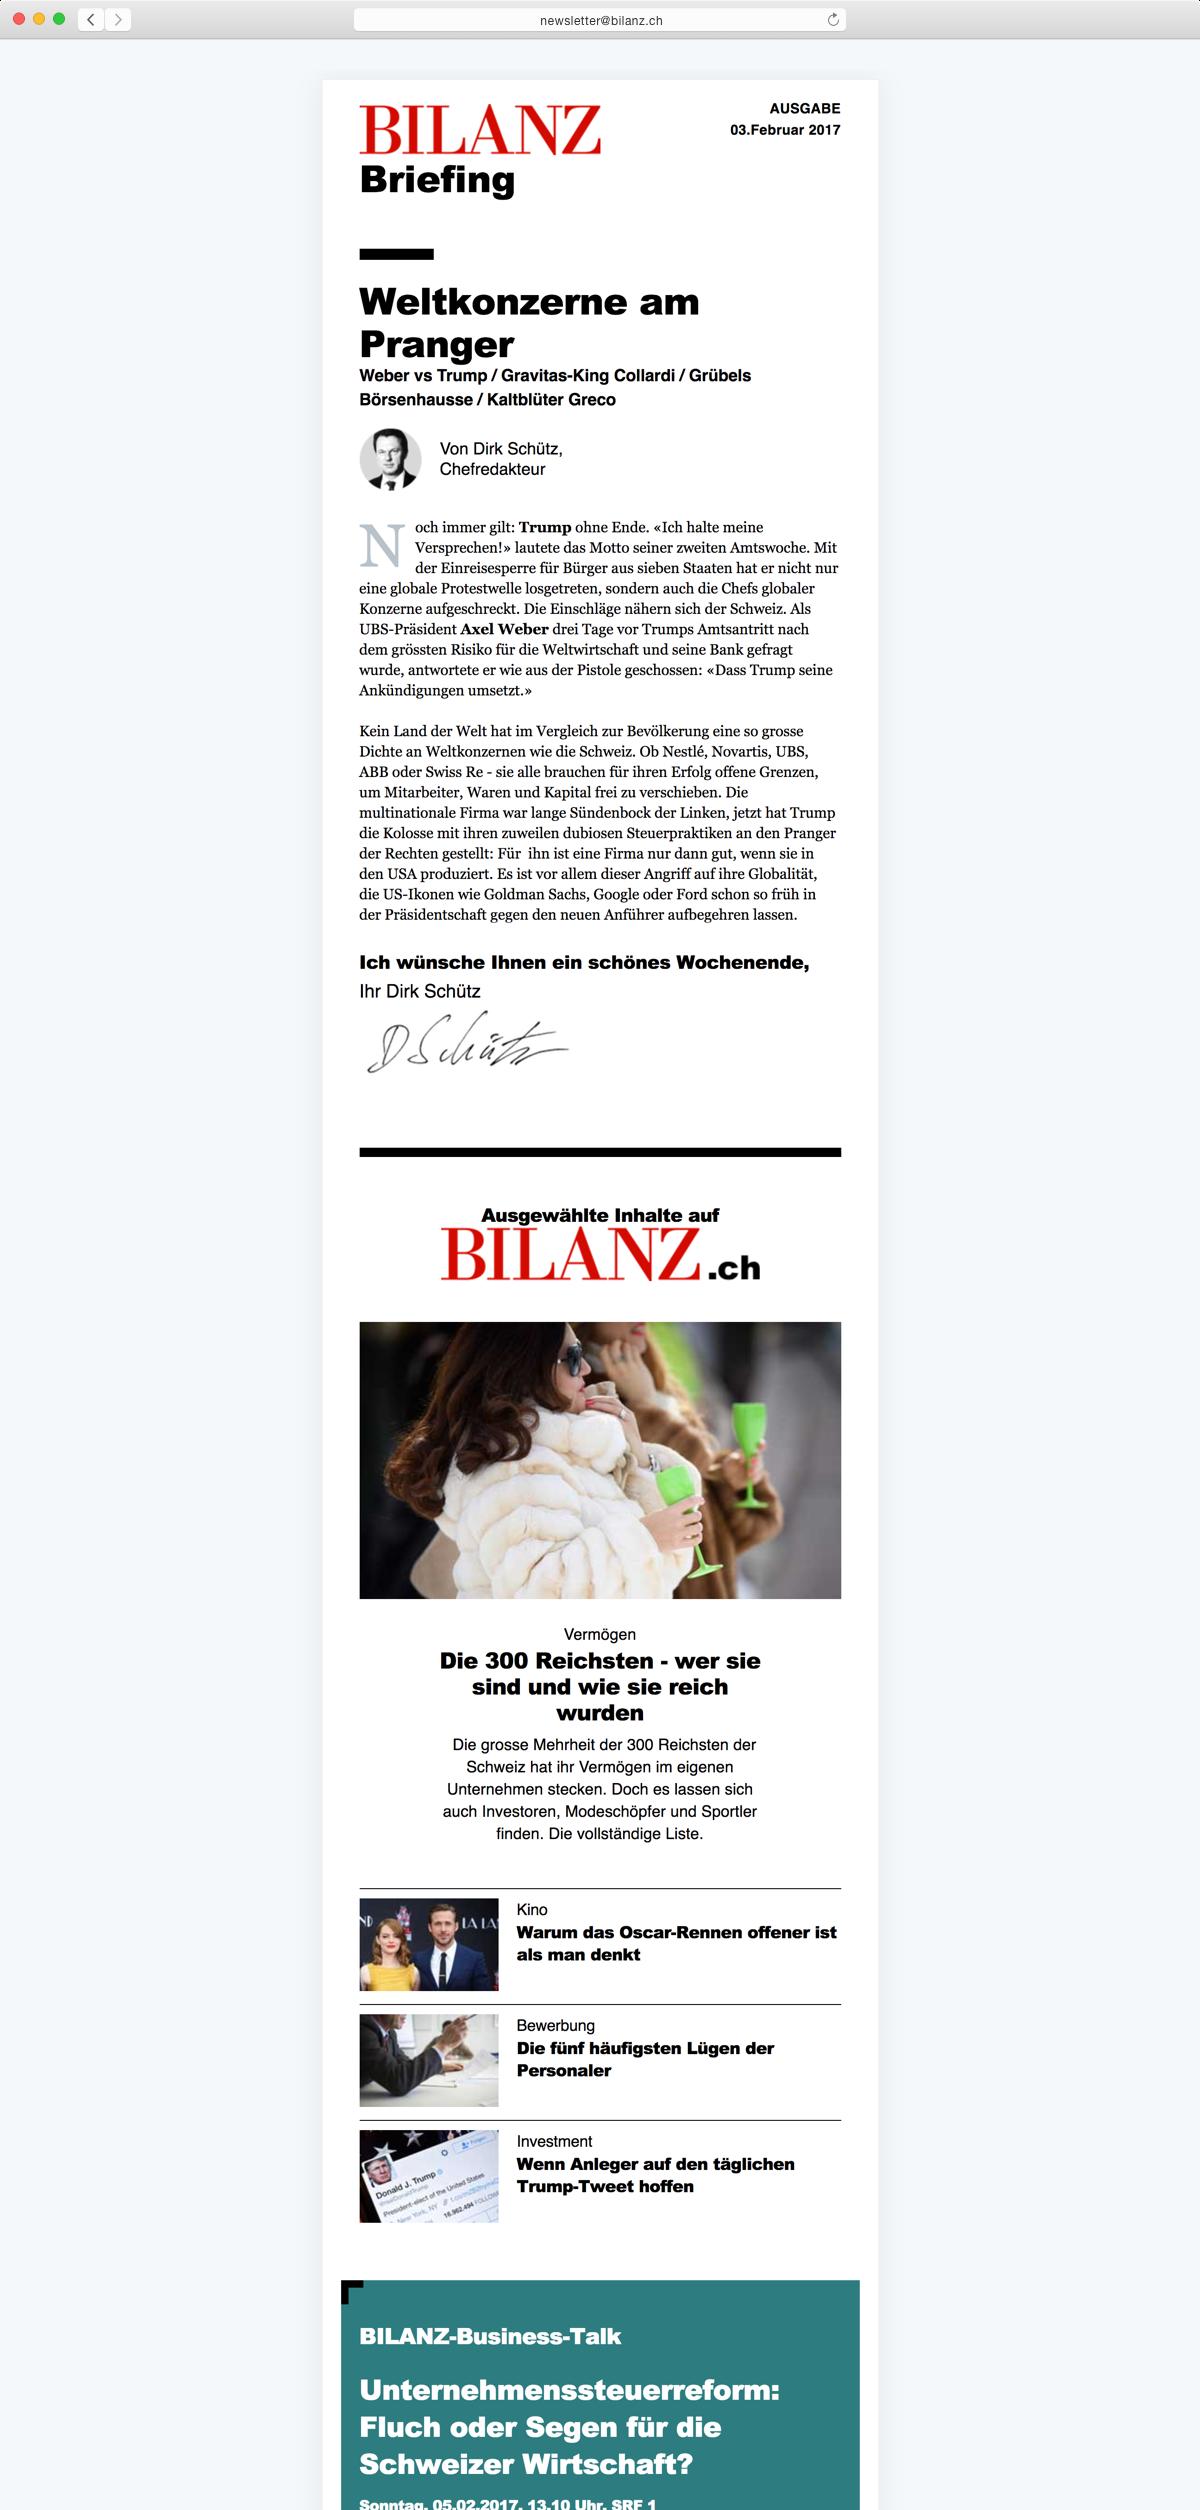 Bilanz Newsletter - Featured Image